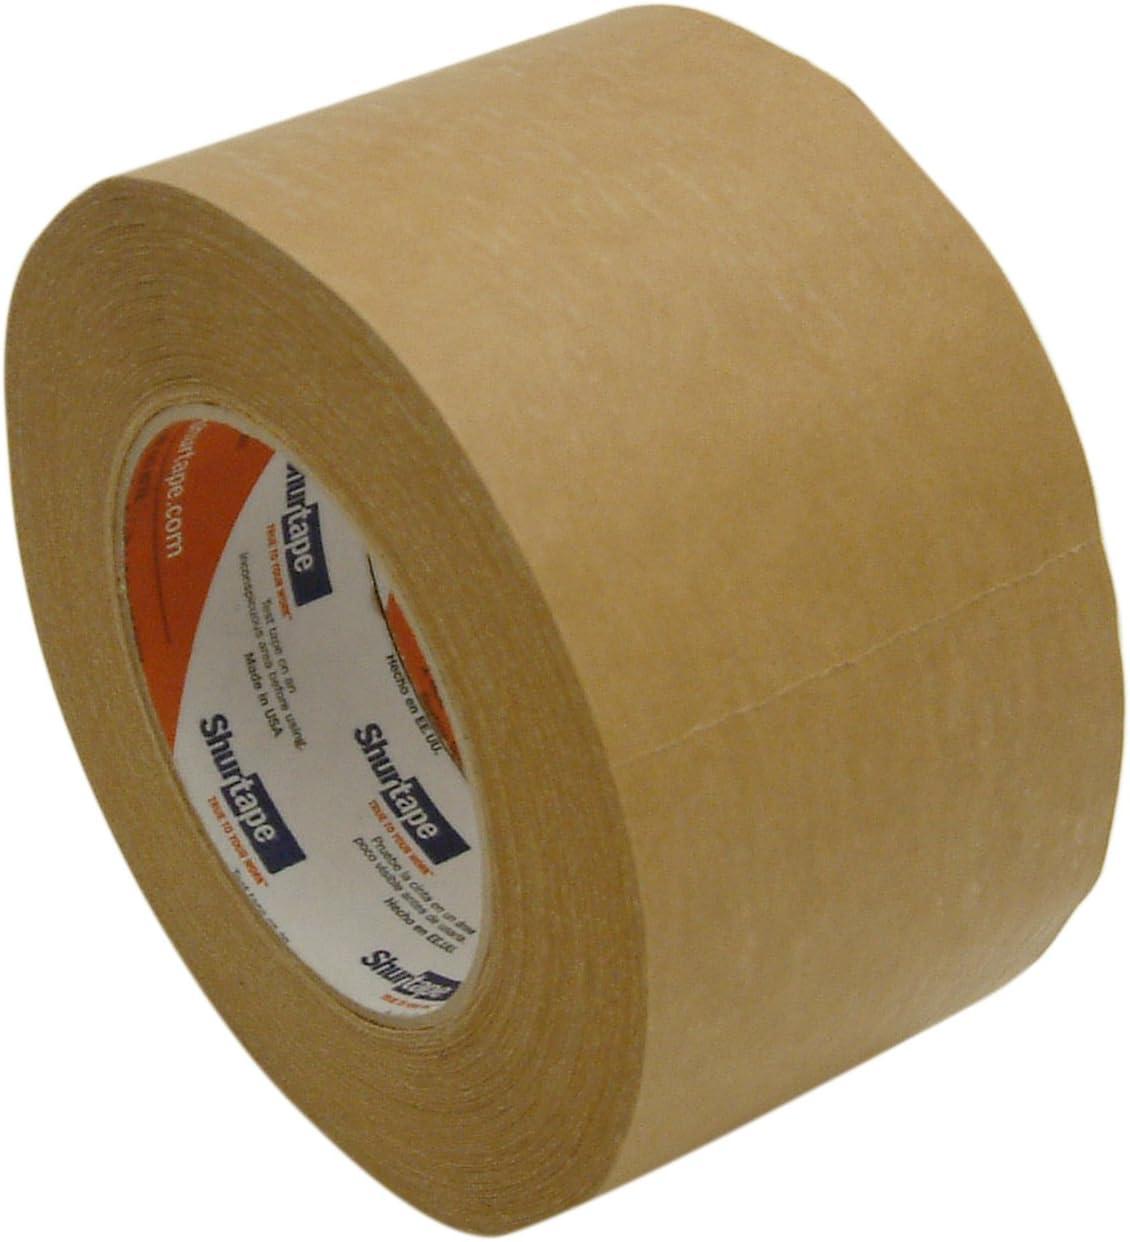 Shurtape FP-96 General Purpose Kraft Packaging Tape: 3 in. x 60 yds. (Kraft)